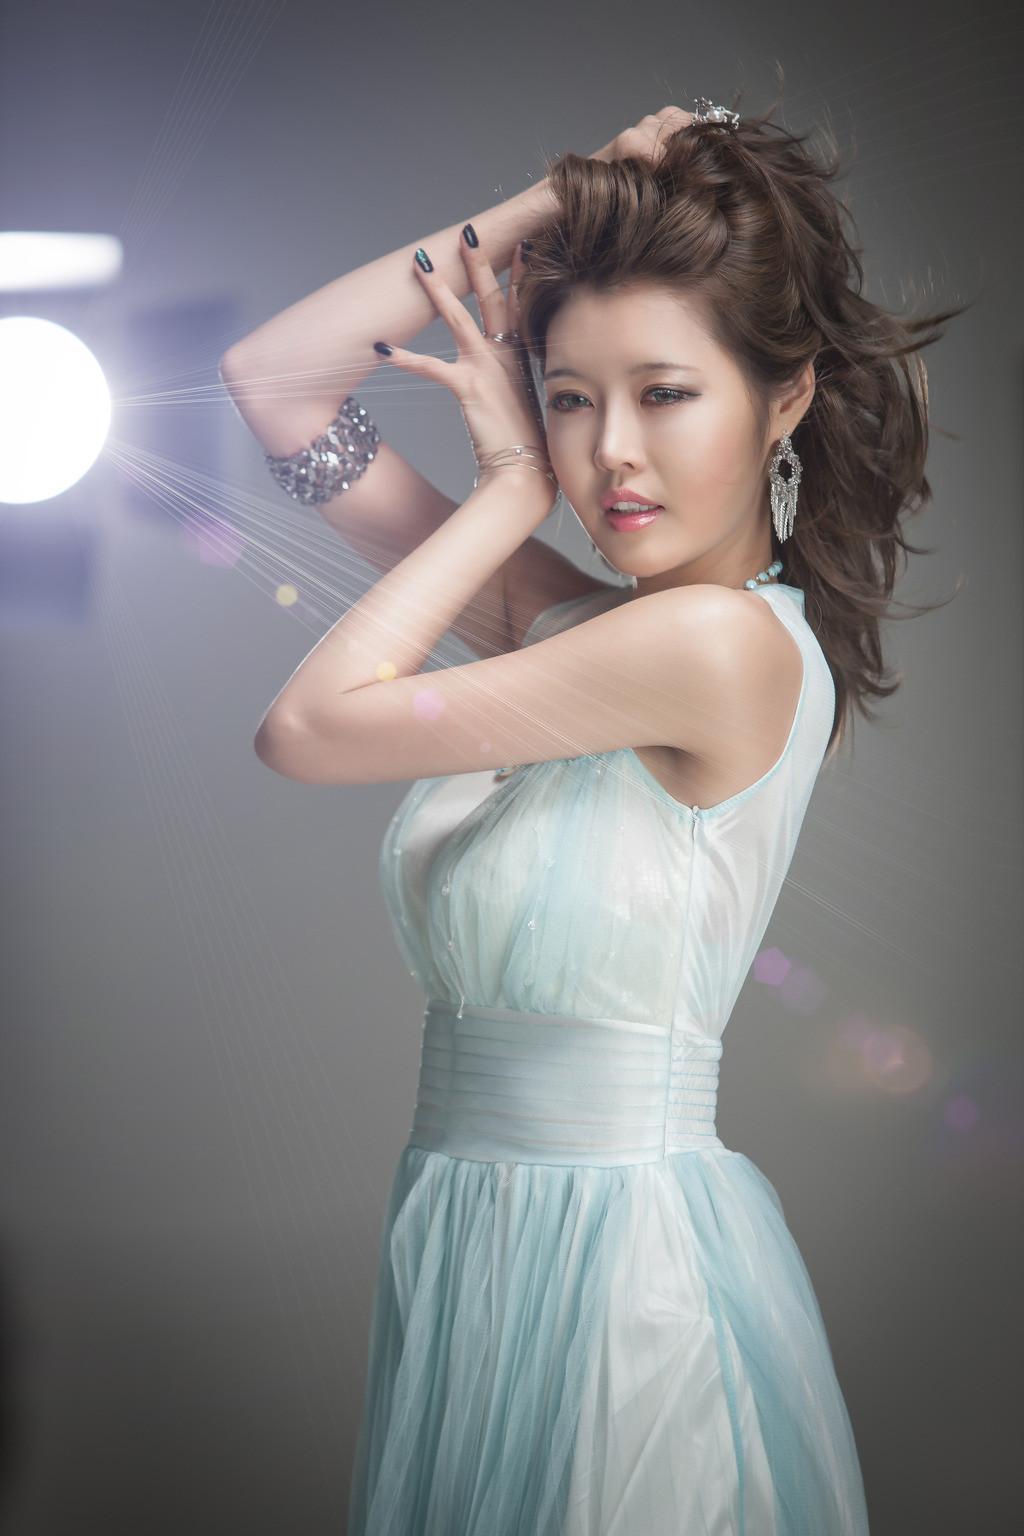 Minions Bilder Für Whatsapp Deutsch Das Beste Von Foto Park Ju Young Suami Dari Kim Hee Sun Fotos